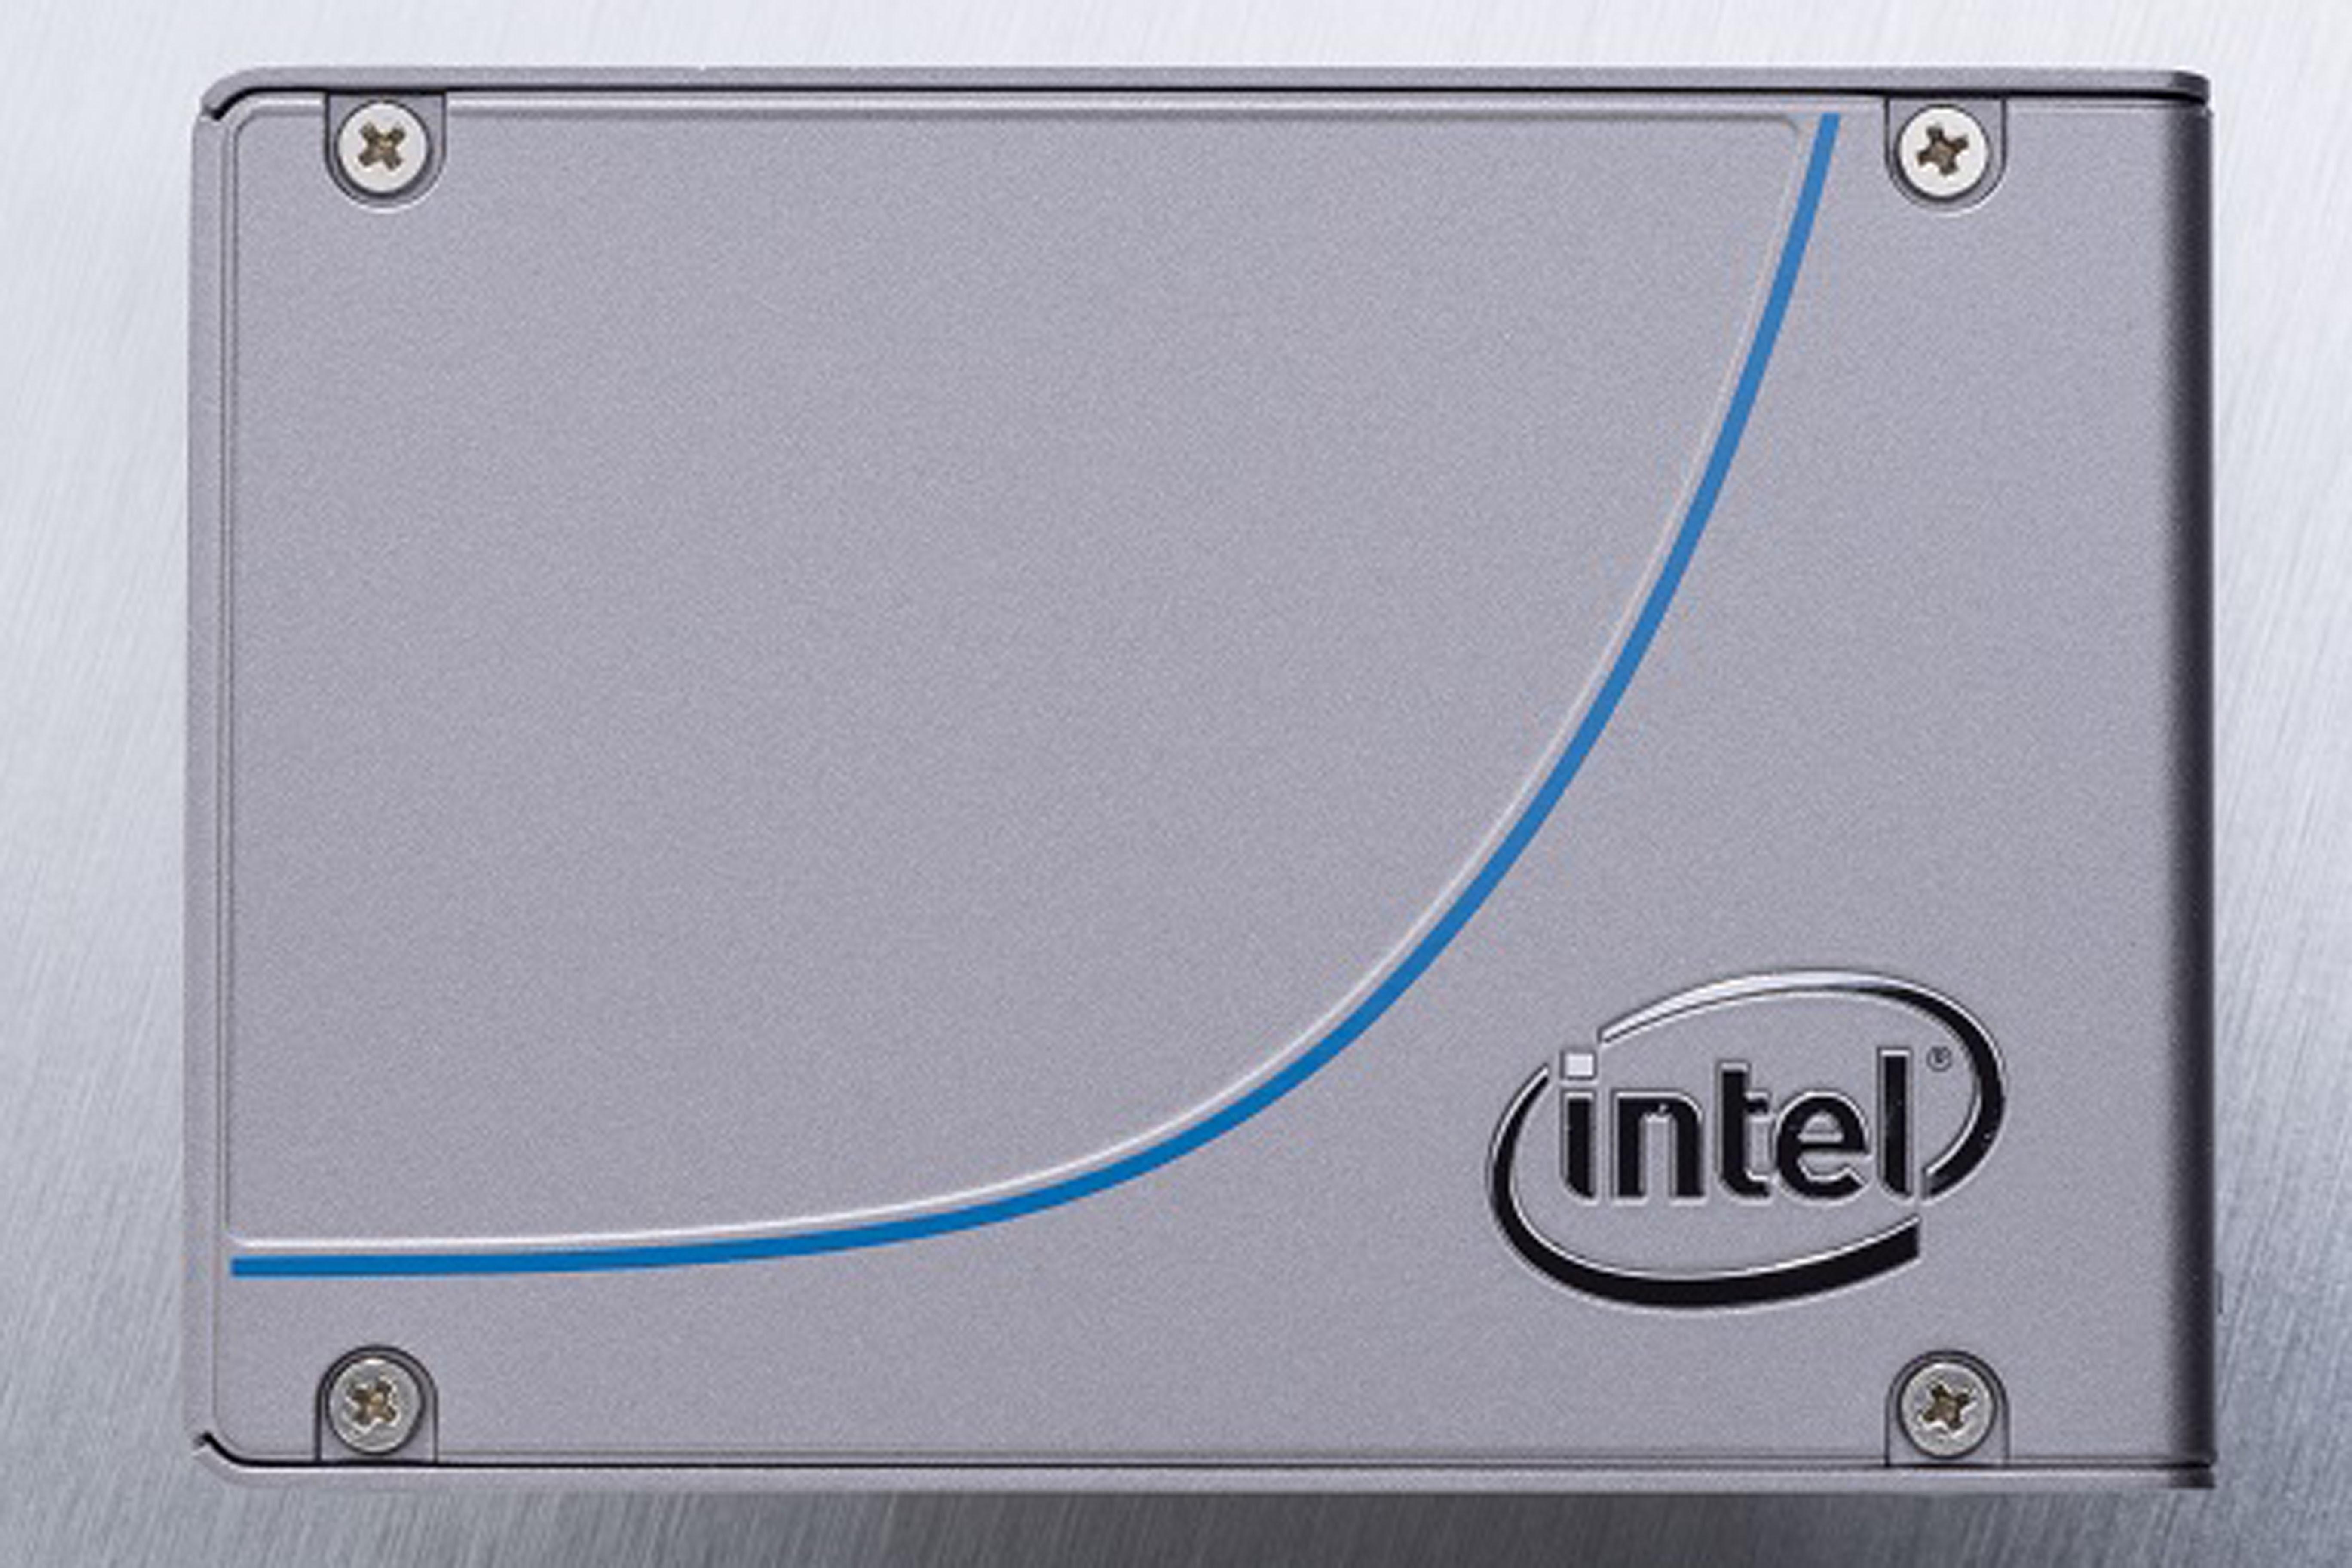 Intel NVMe SSD 750 03